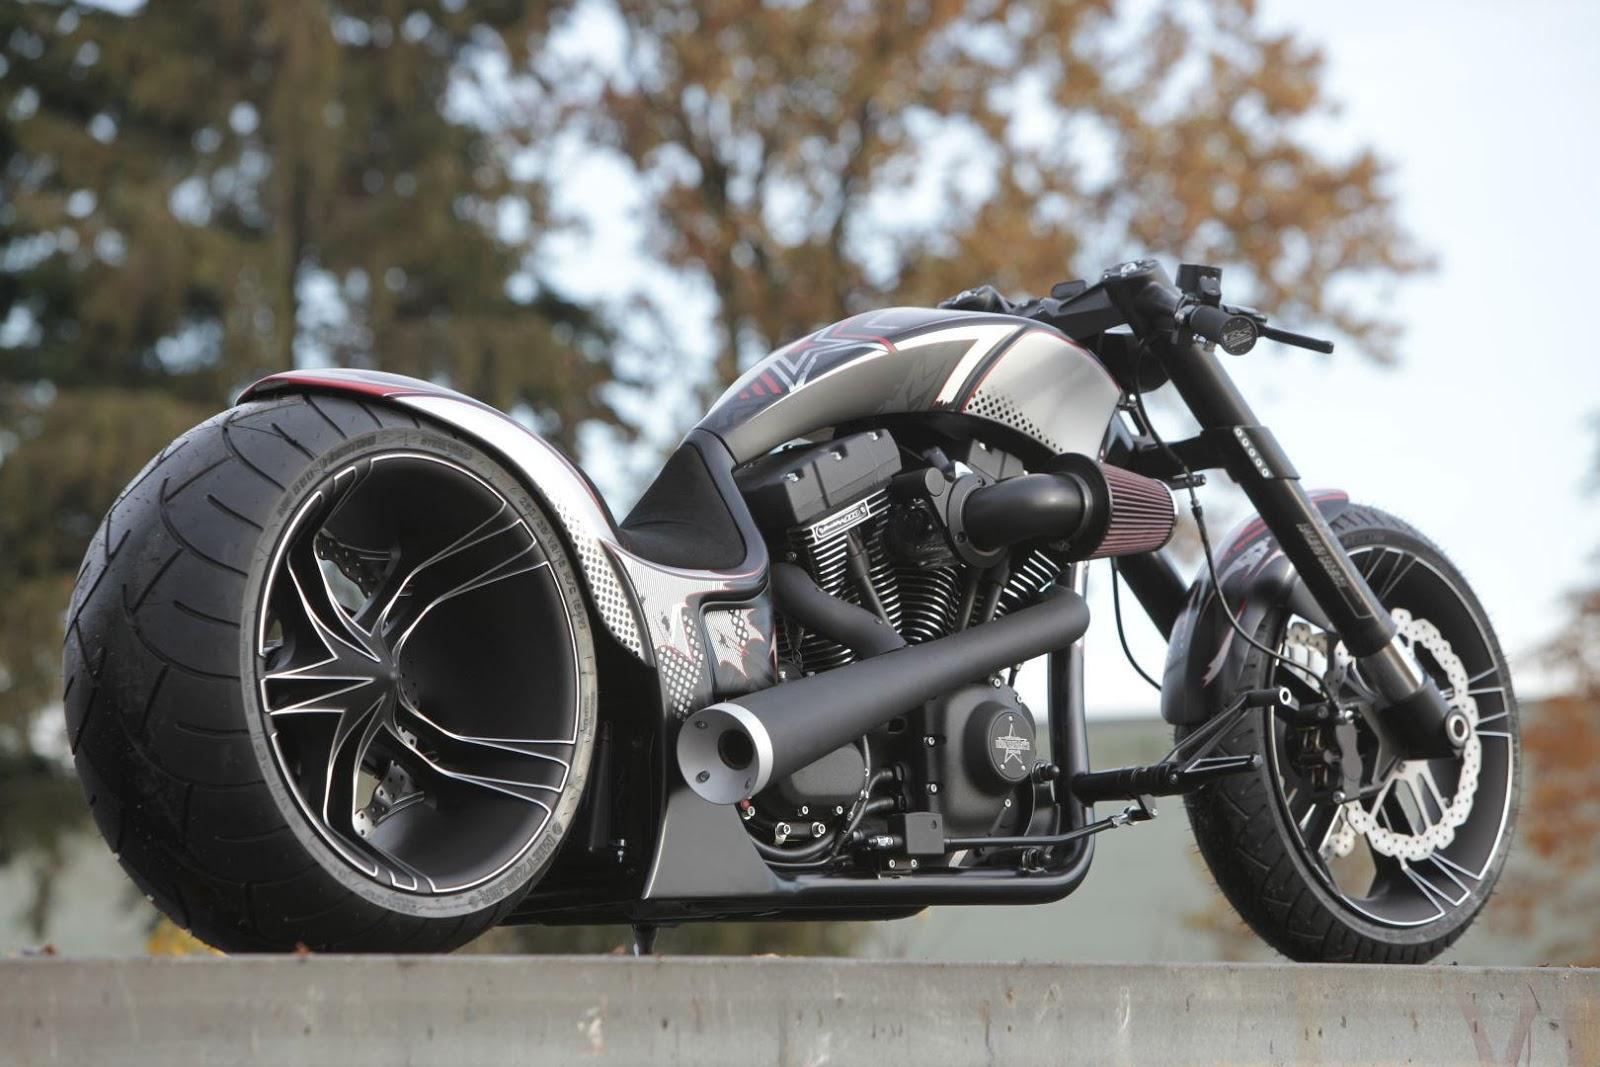 Harley Wiring Diagram Harley Davidson Wiring Diagram Harley Davidson